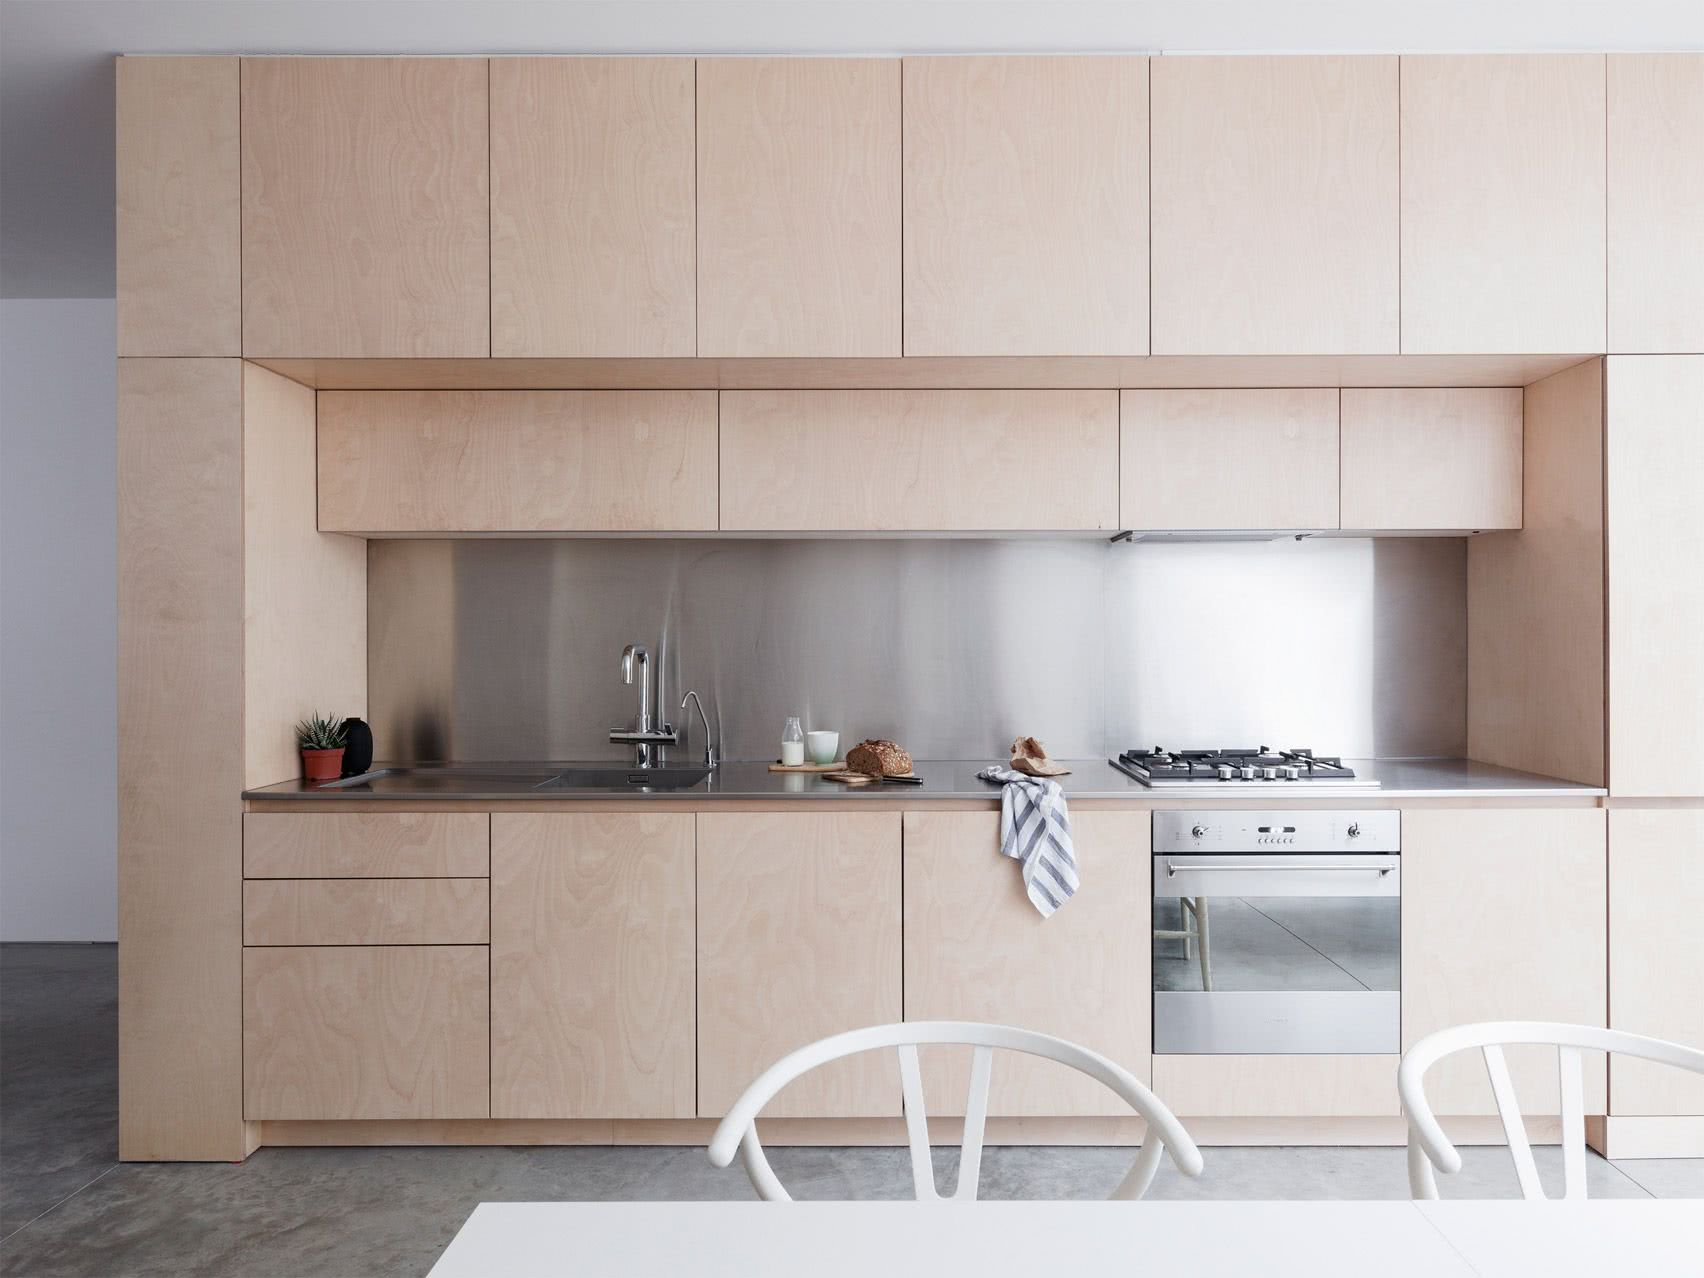 Cozinha com estilo minimalista